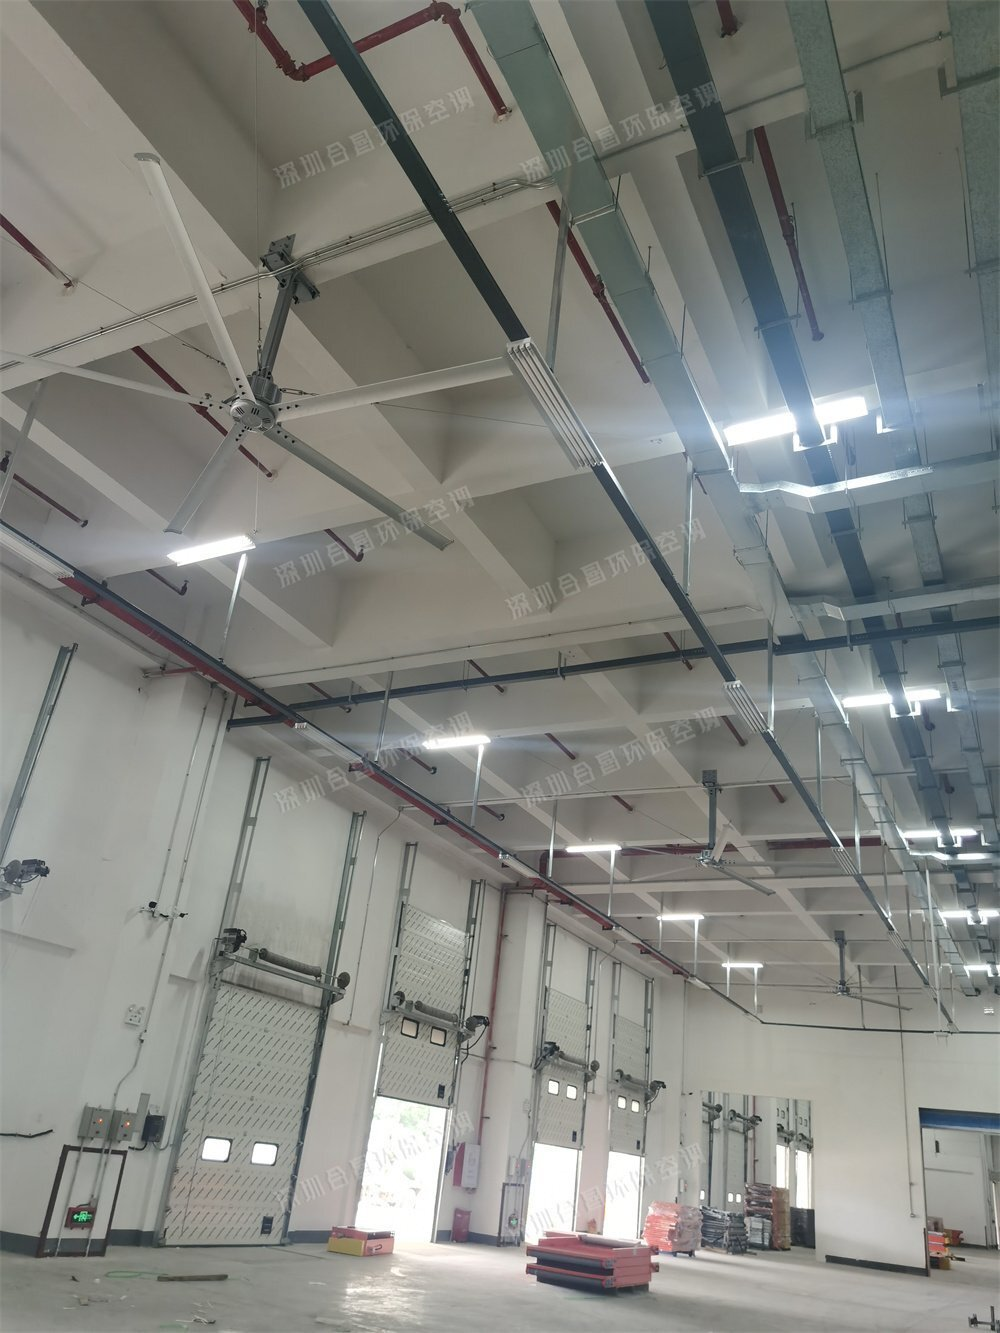 为什么现在工厂厂房、仓库通风降温都喜欢安装工业大风扇?